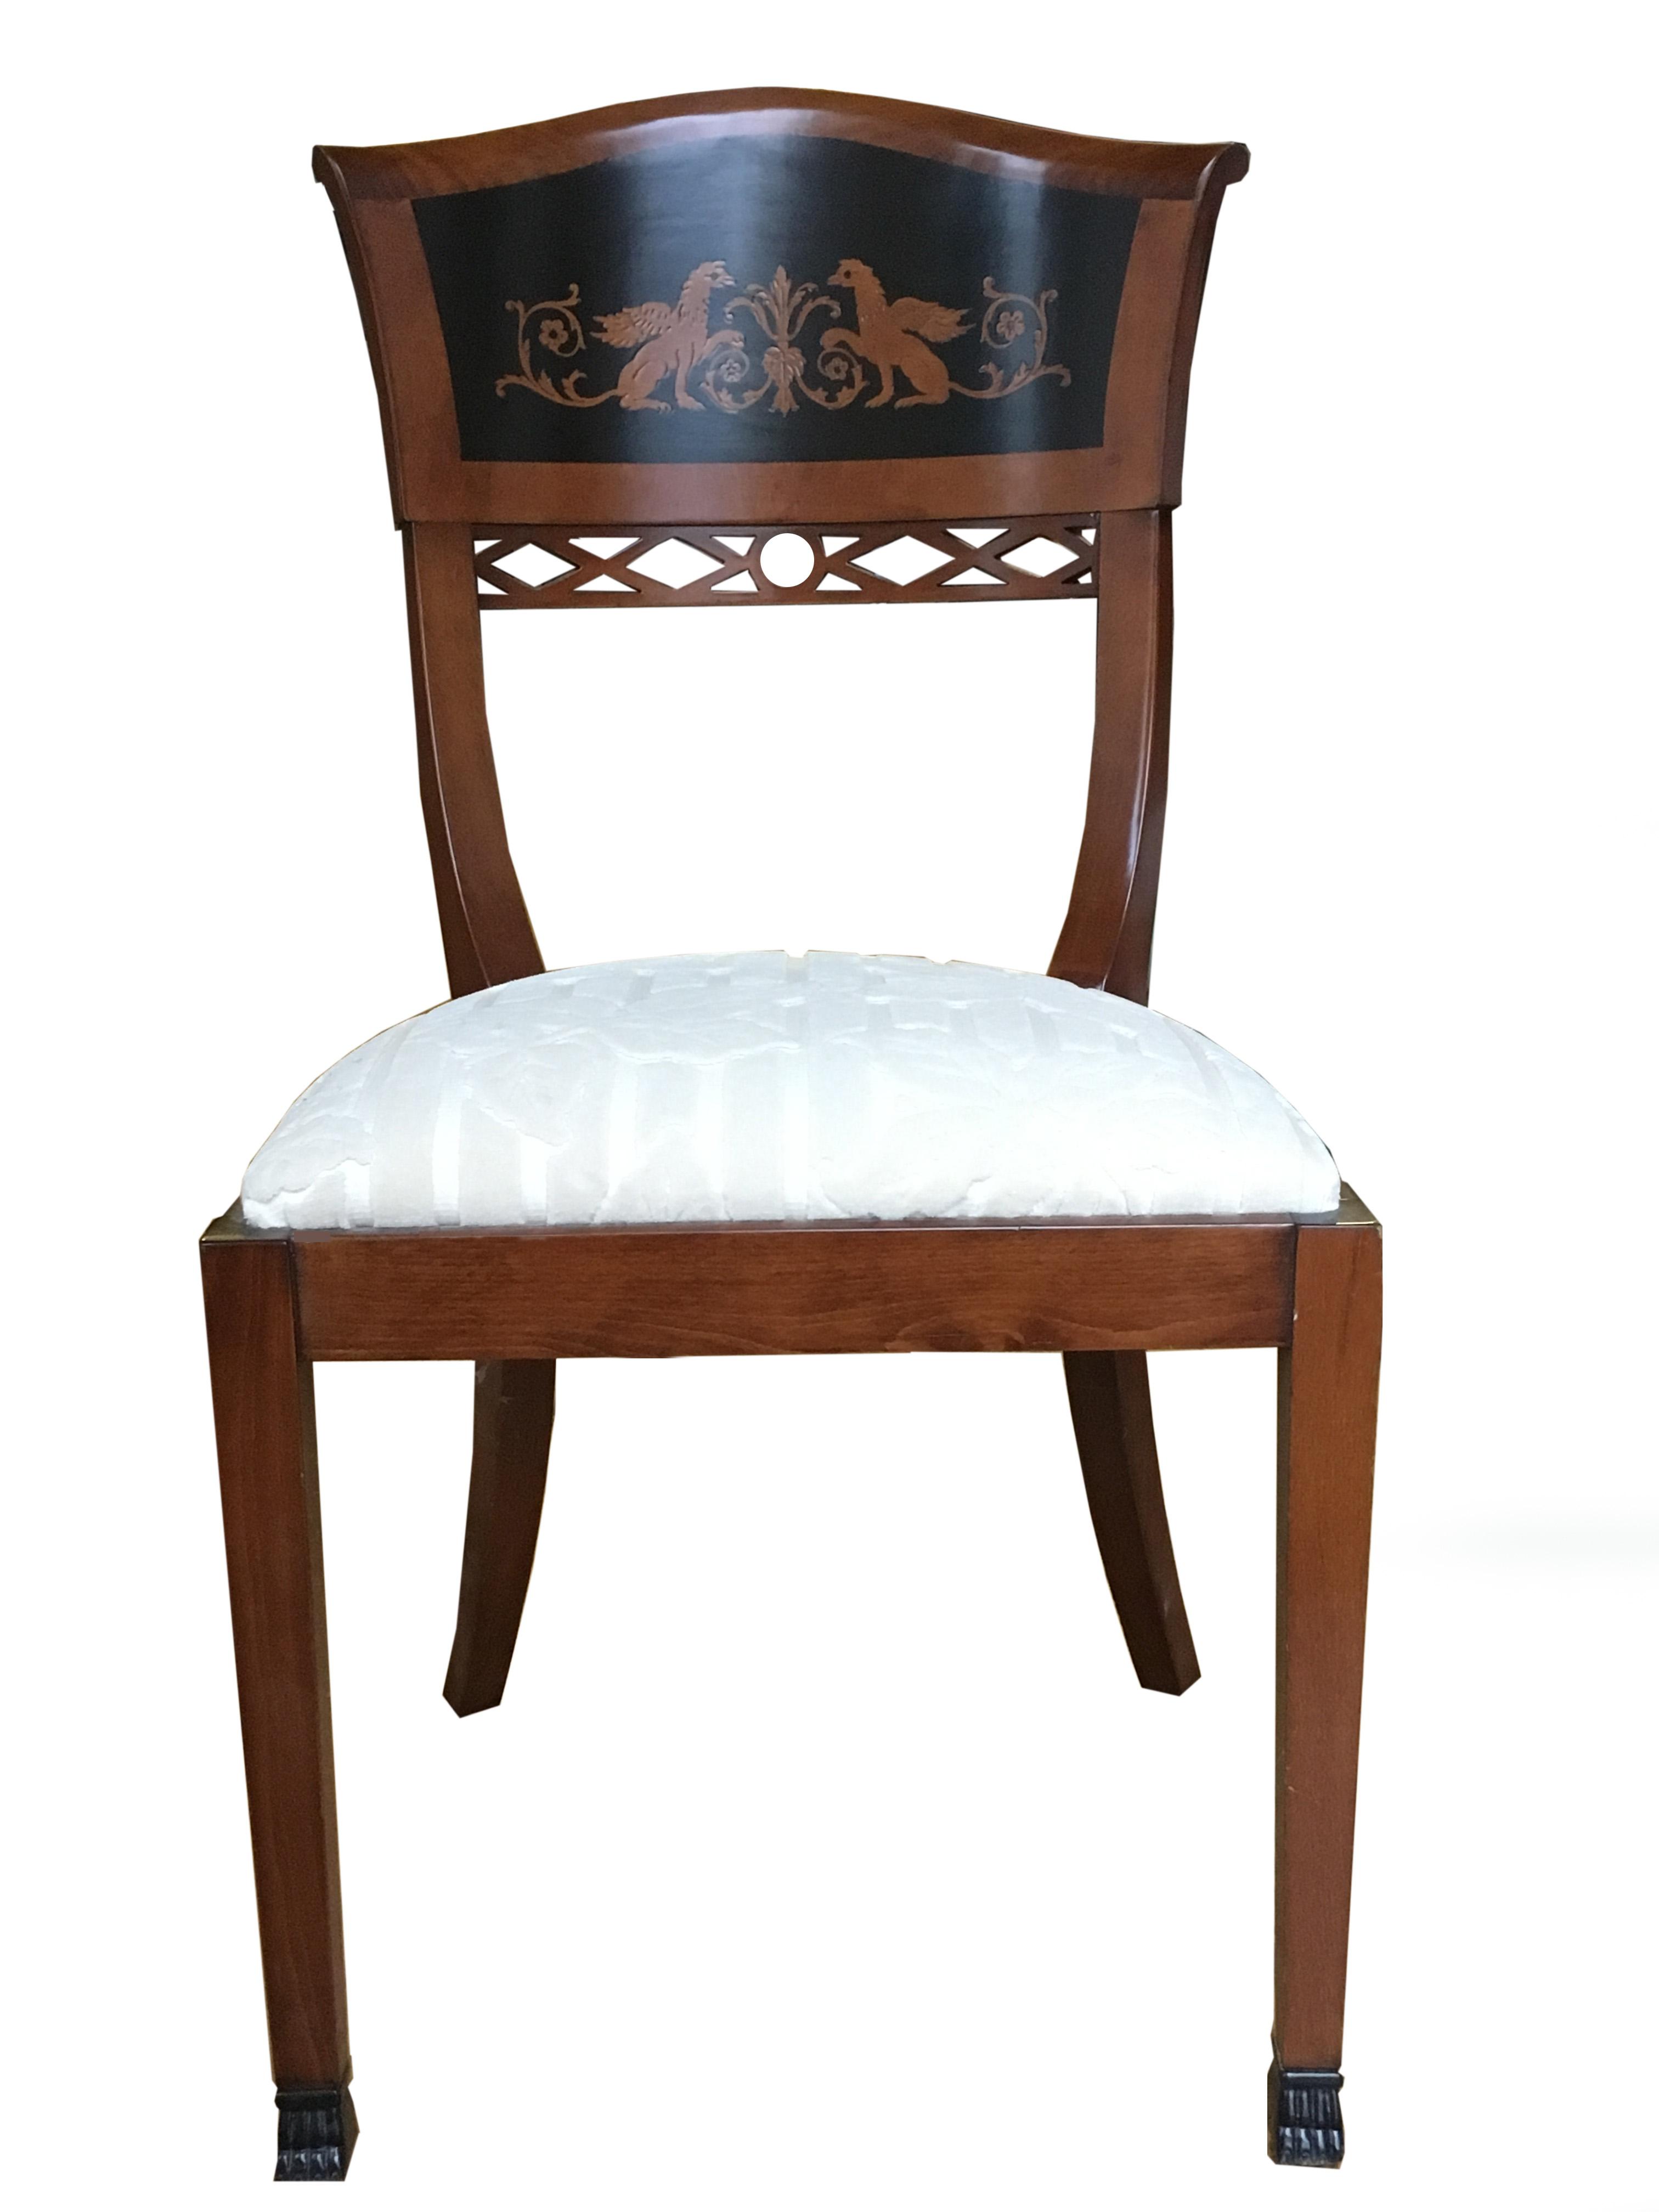 Sedia intarsiata realizzata a mano